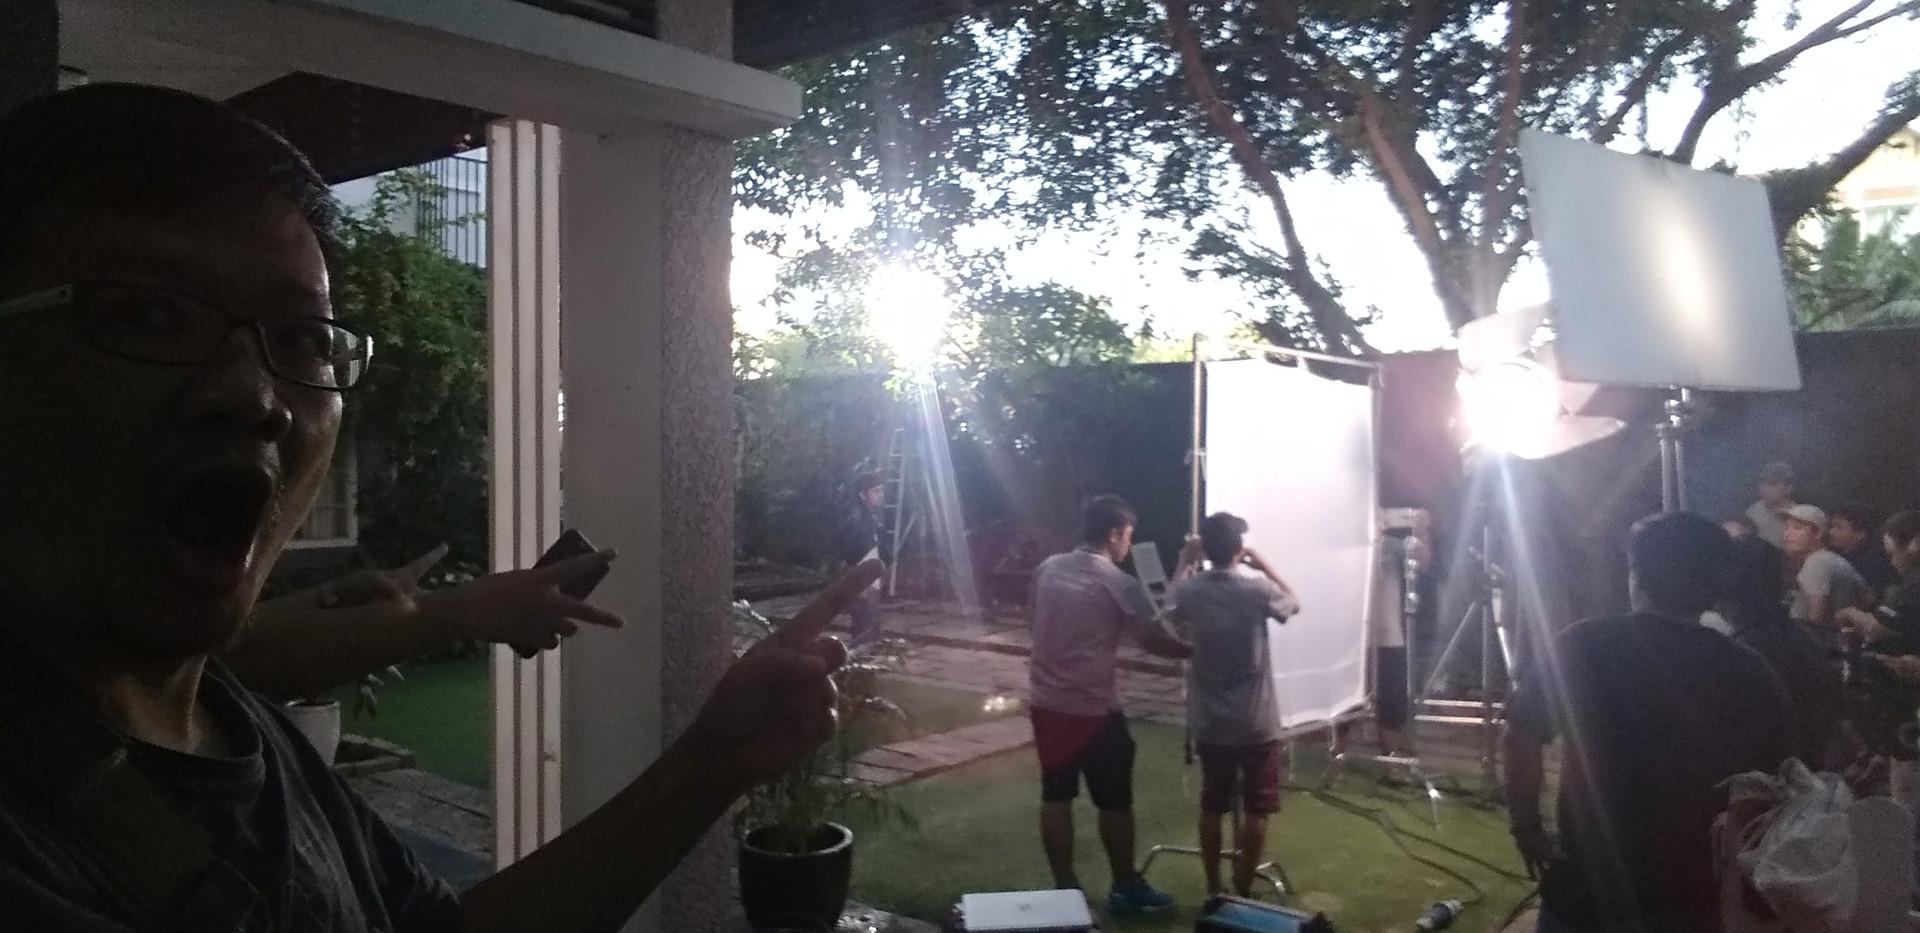 Behind Scene-XISAT